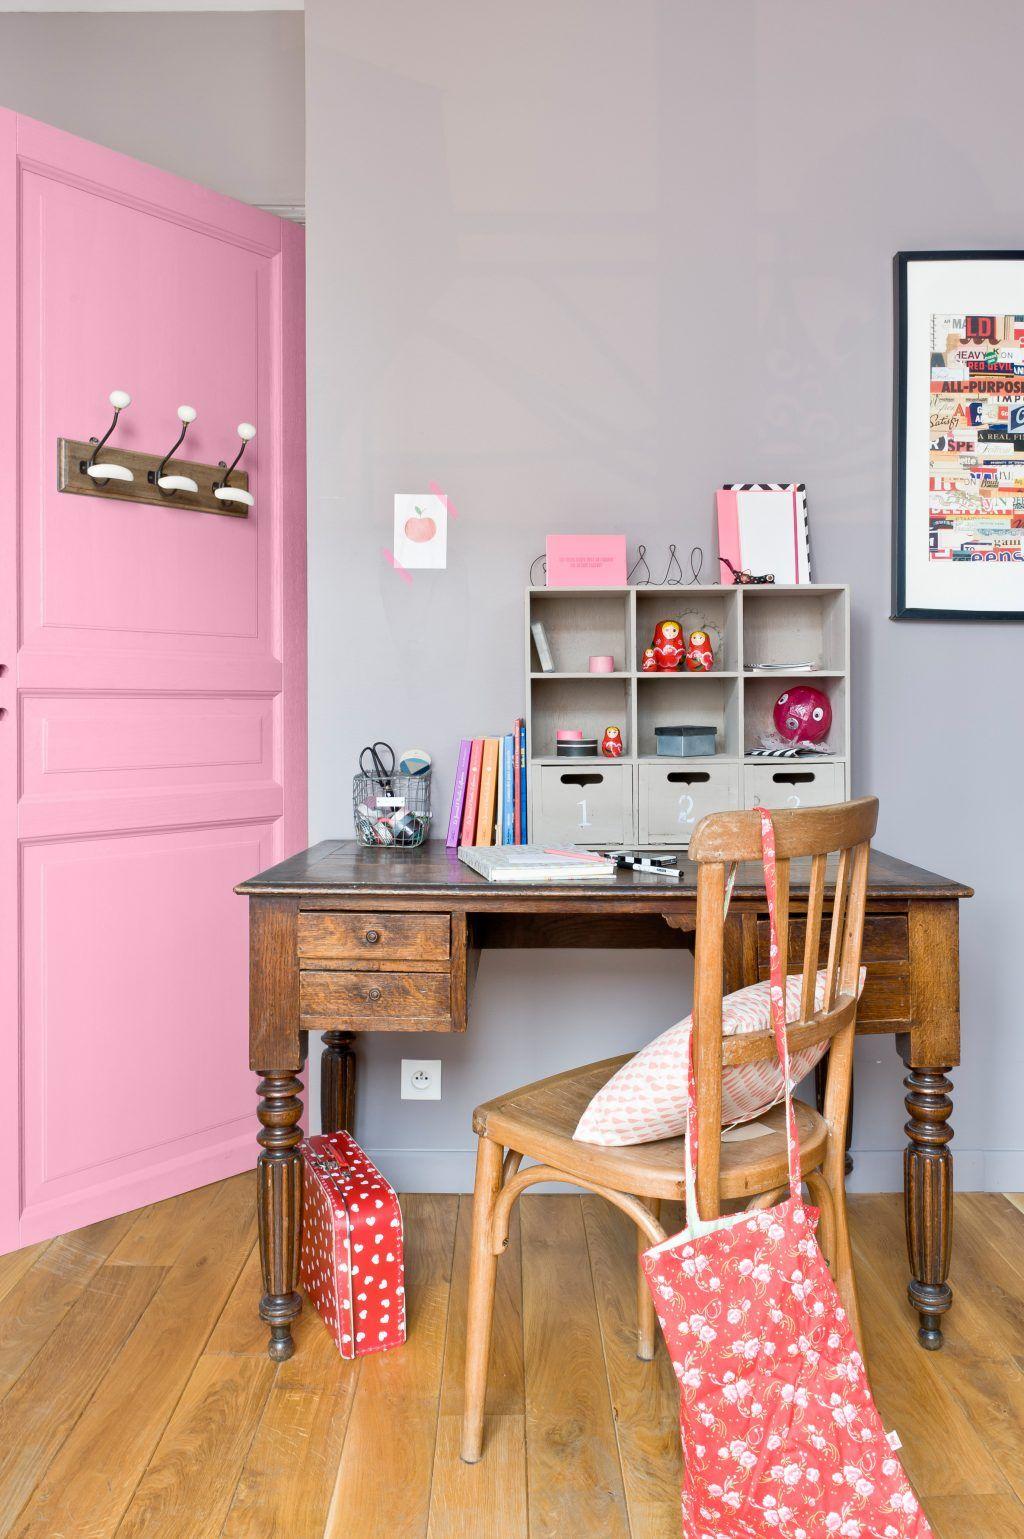 interieure et exterieure: zeitgenössisch association couleur rose